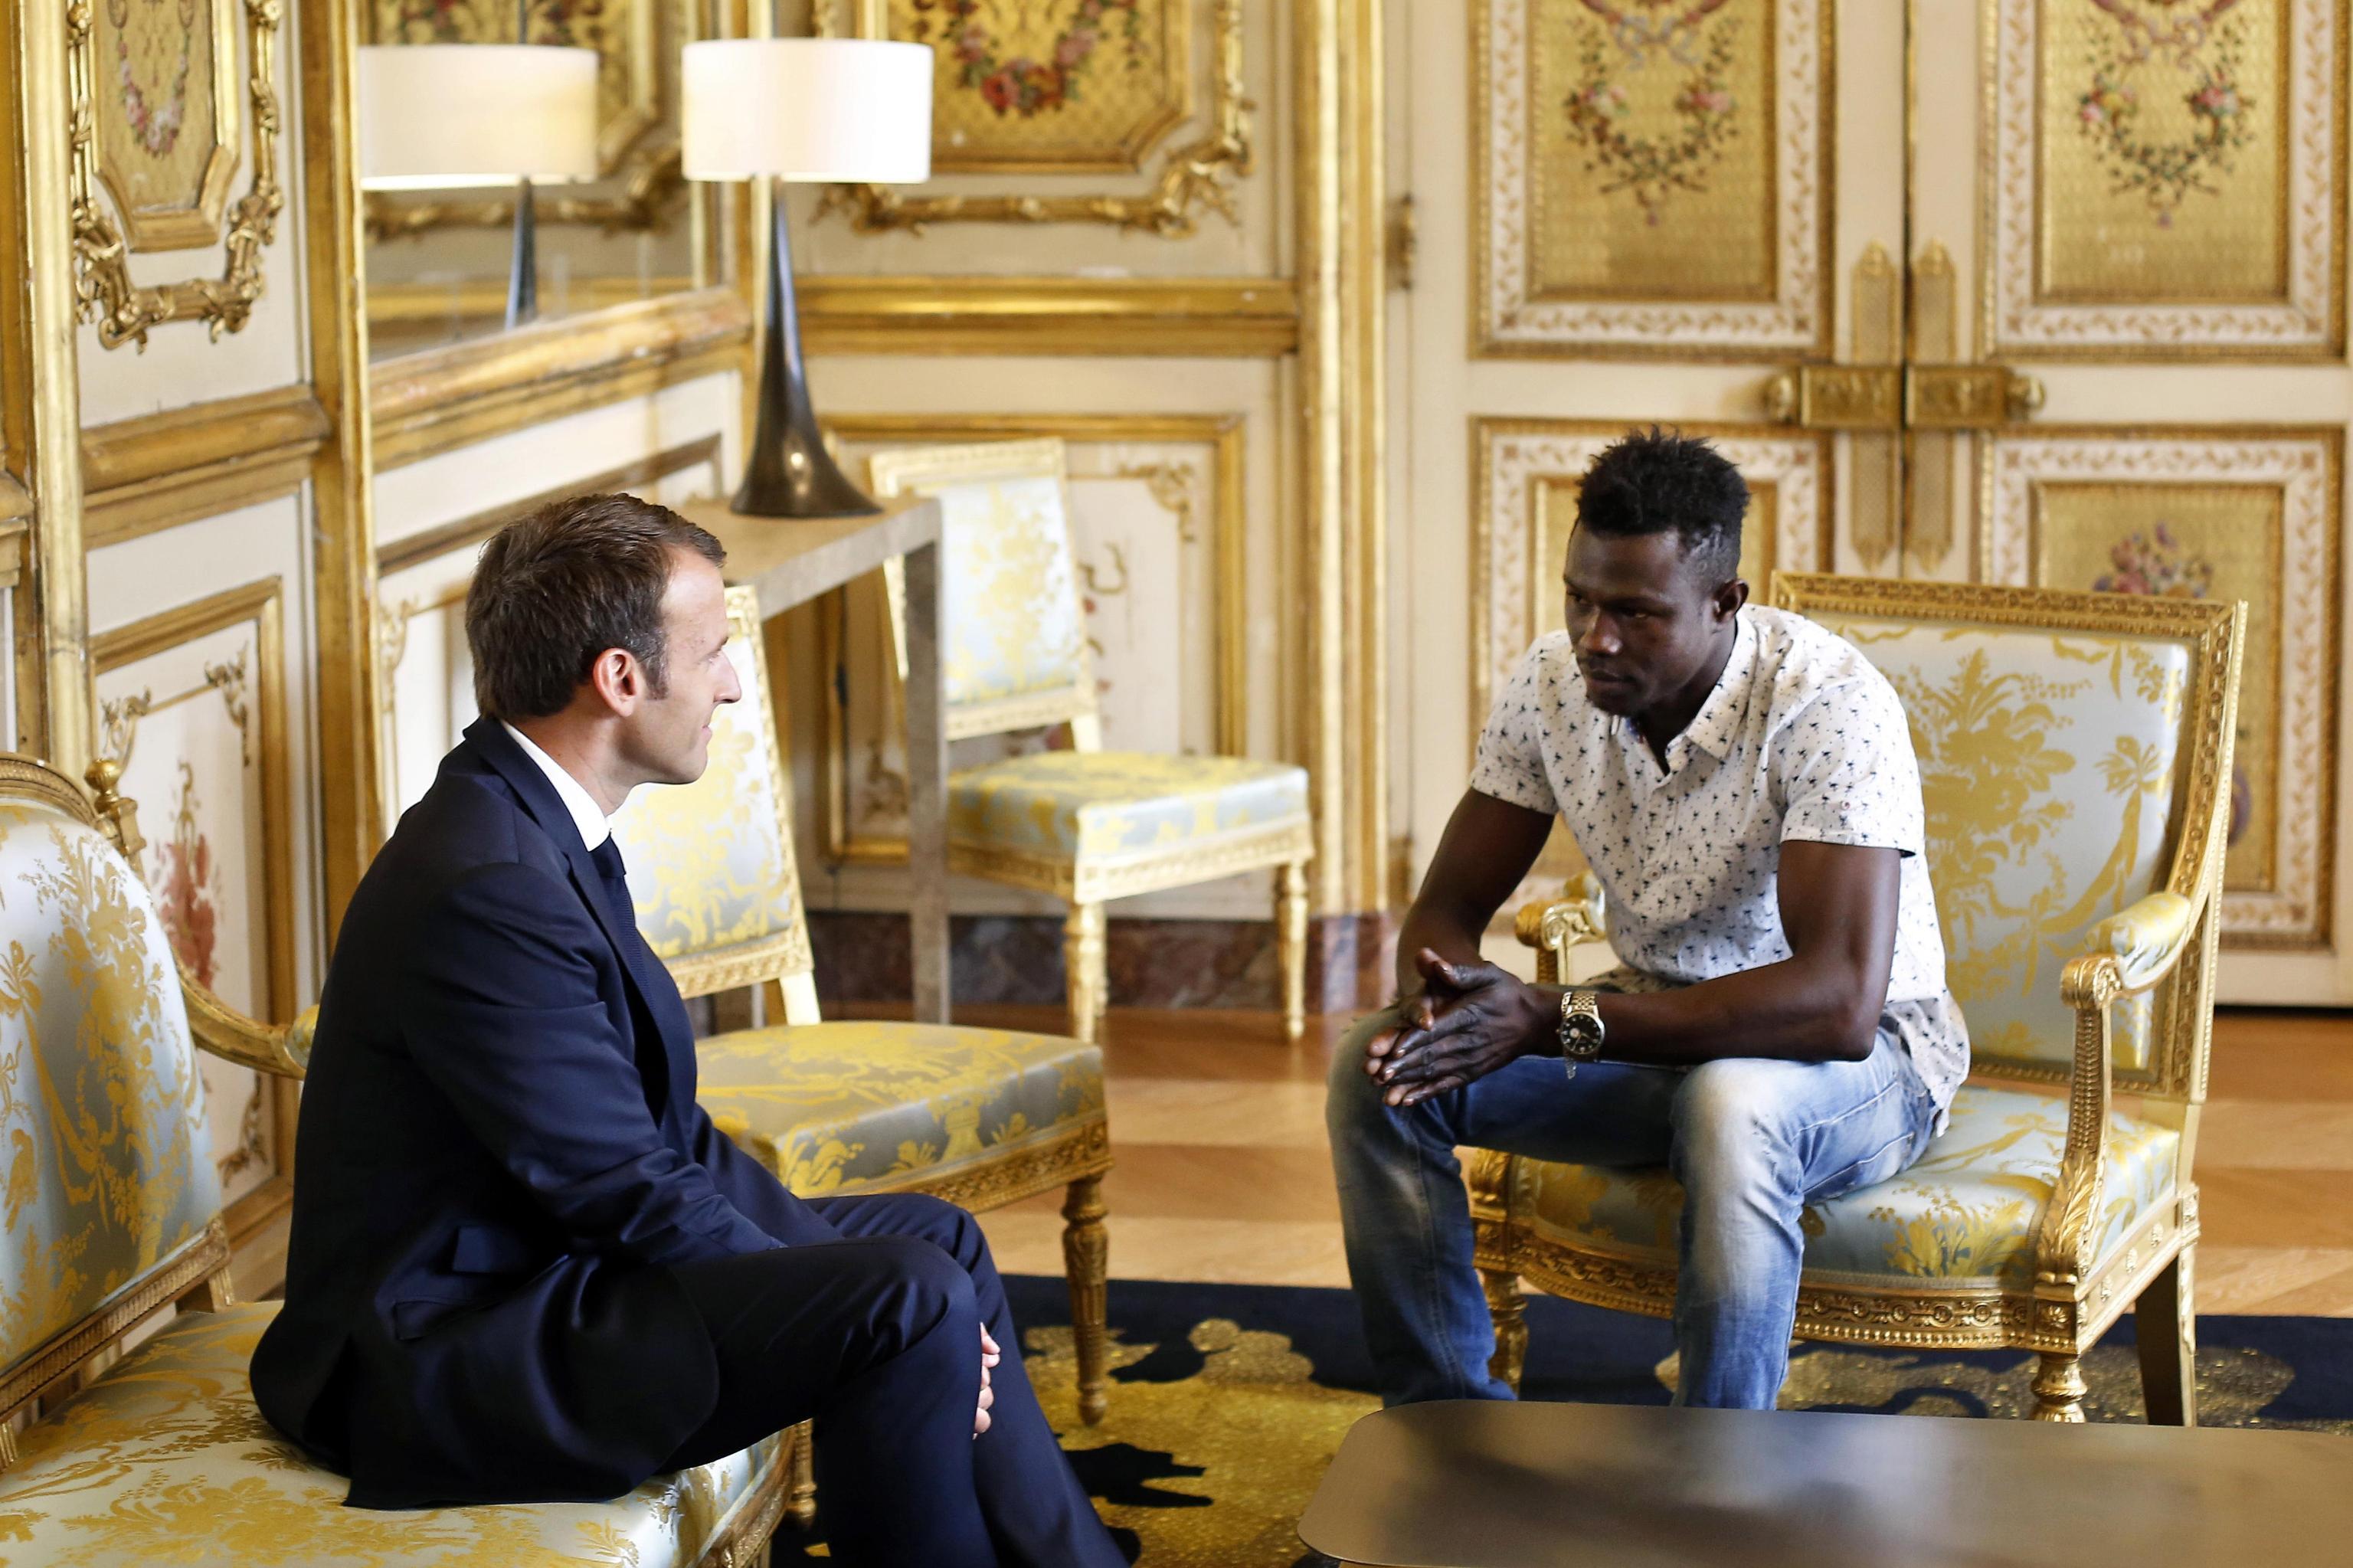 'Spider Man' Mamoudou Gassama at Elysee Palace